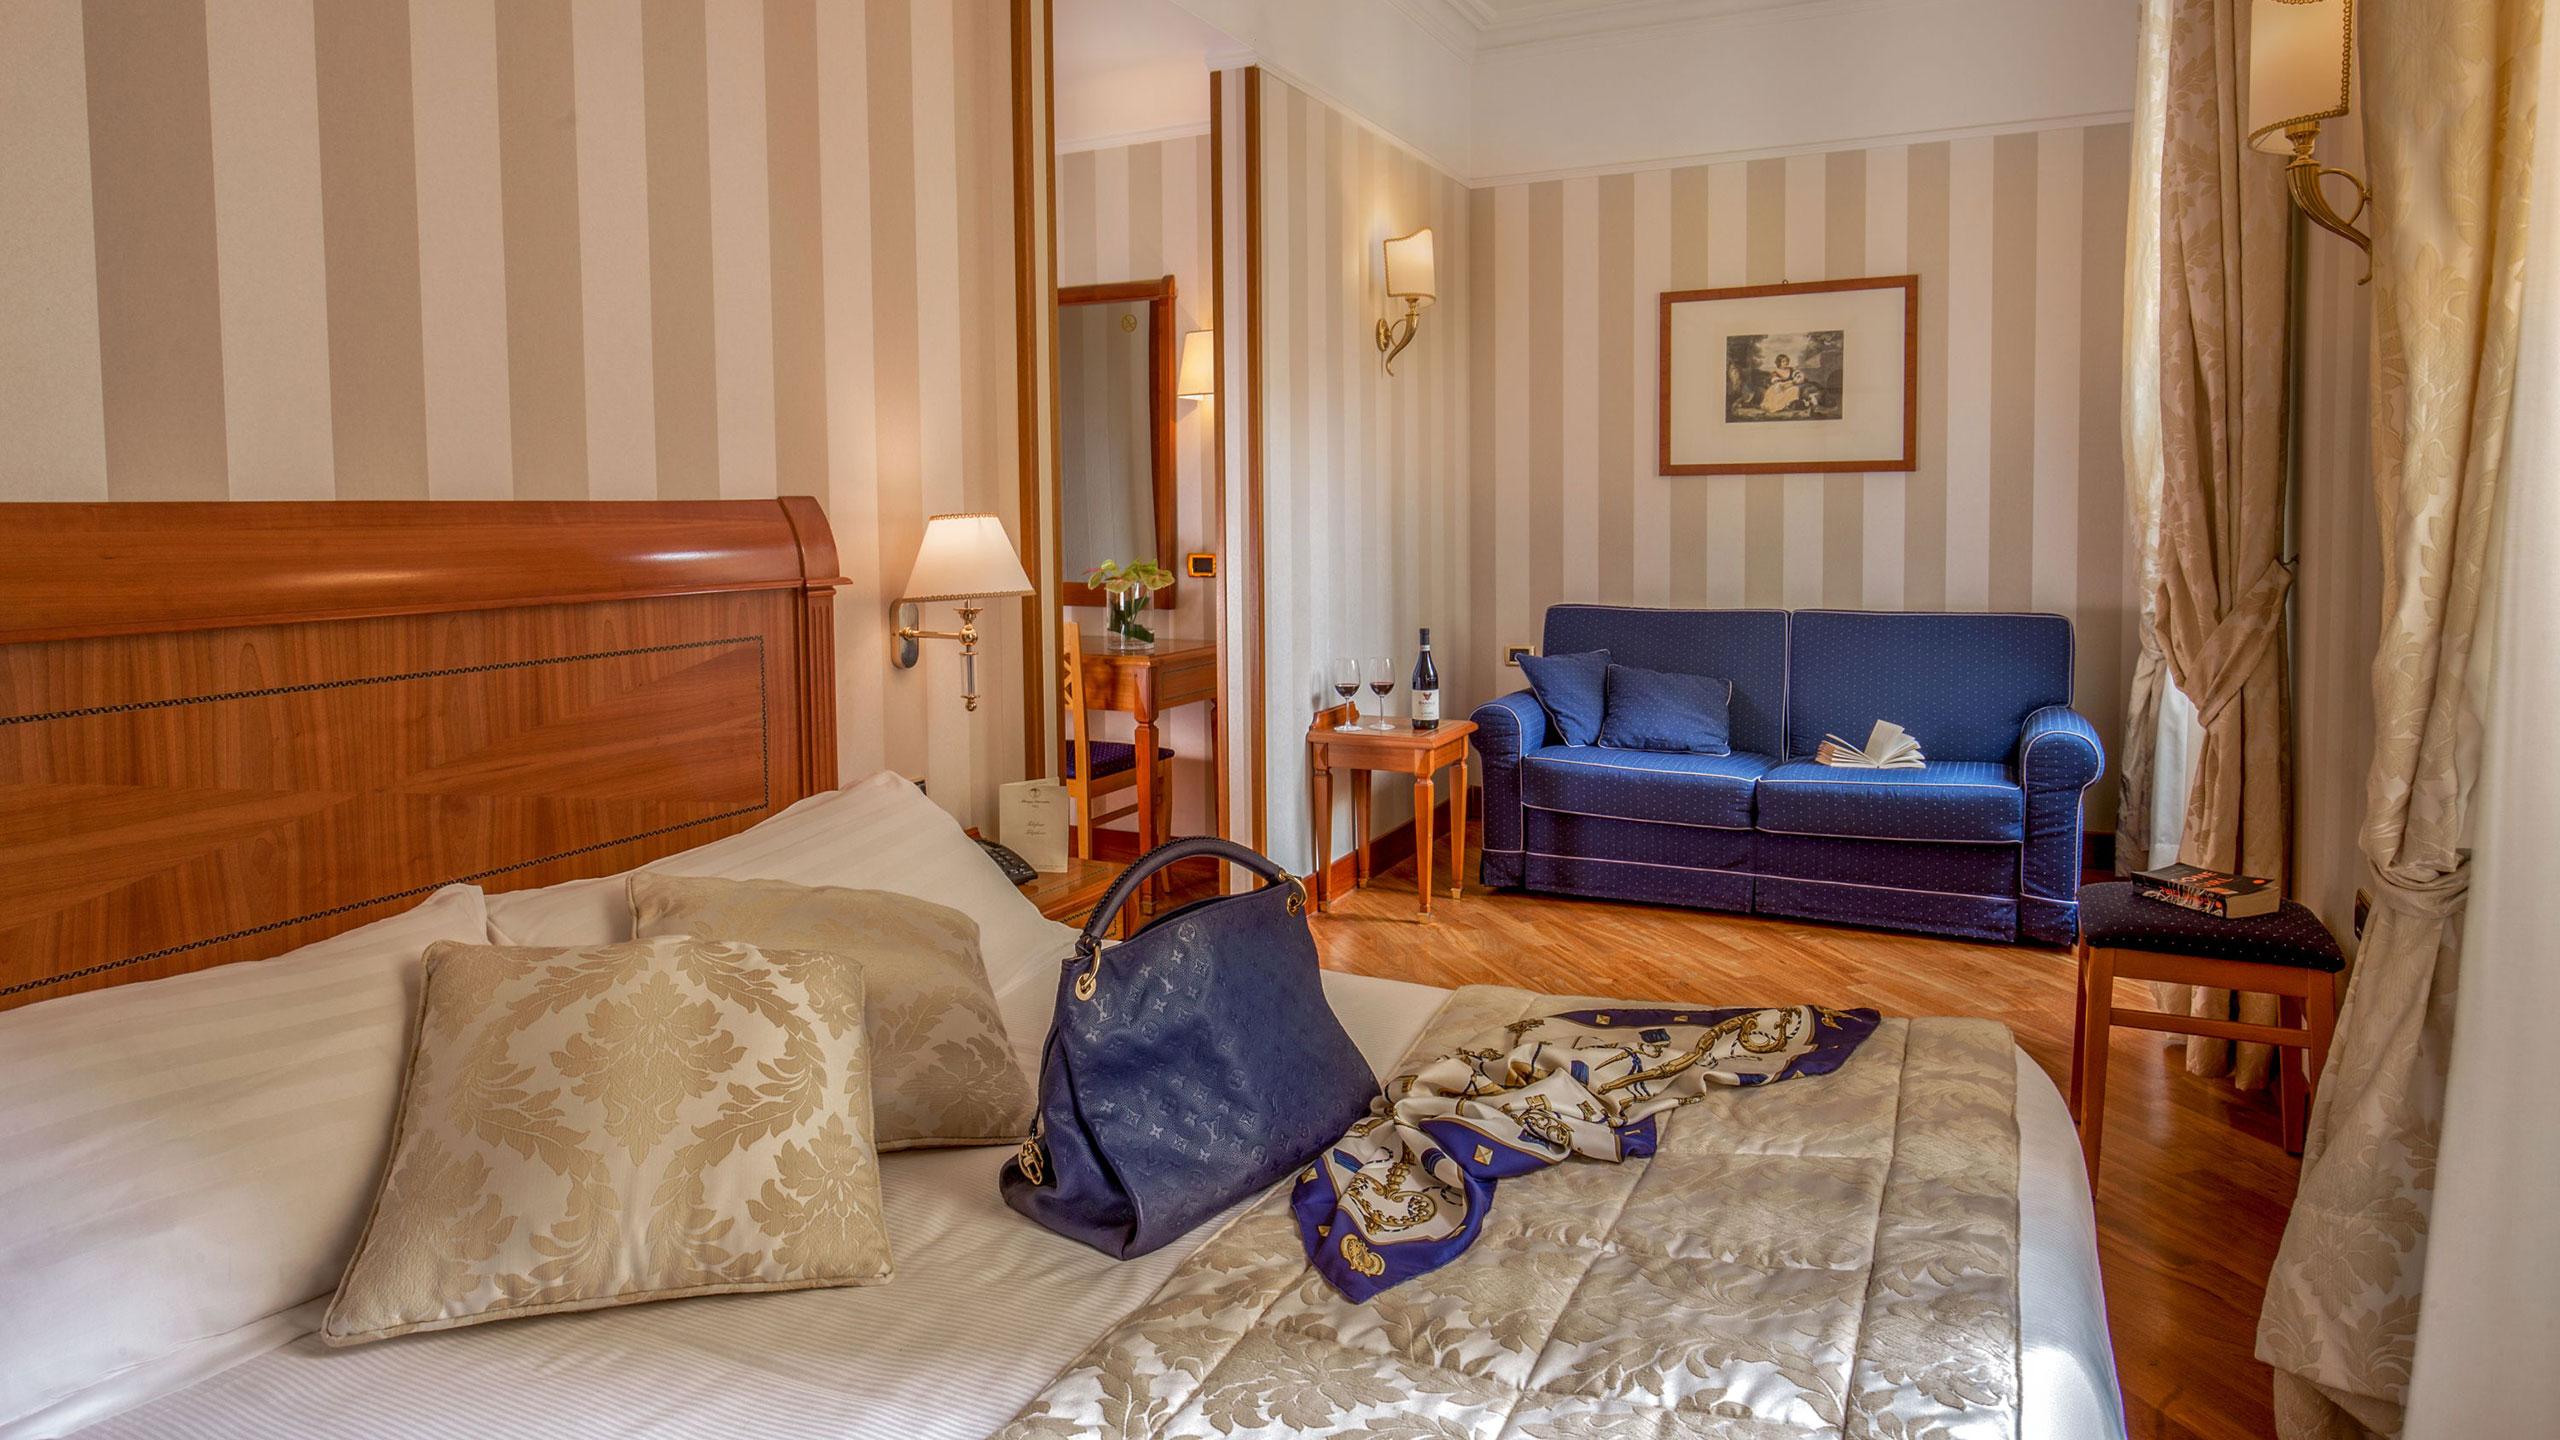 albergo-ottocento-rome-triple-room-deluxe-11